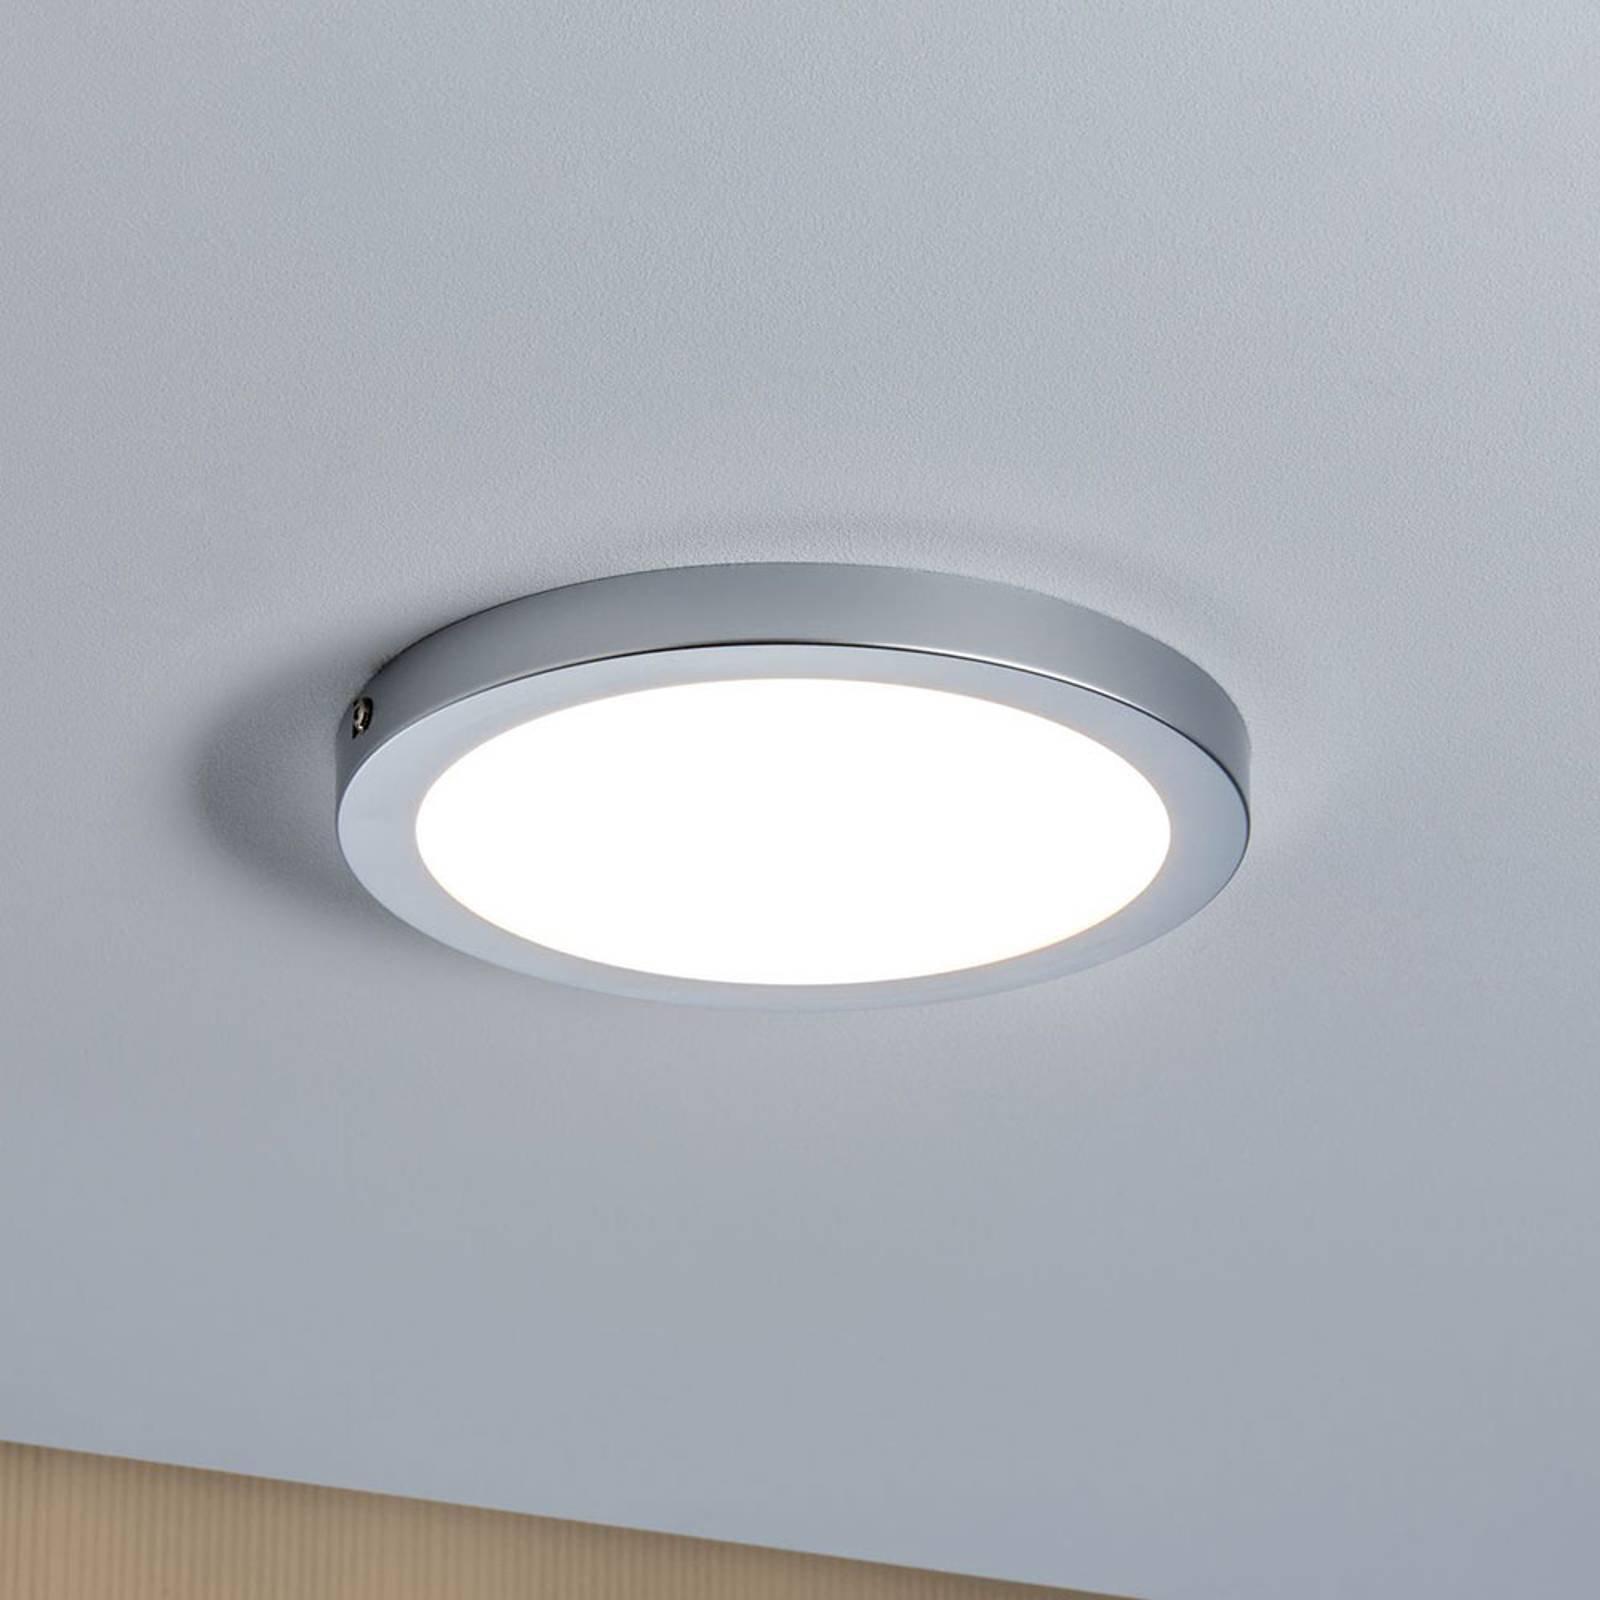 Paulmann Abia LED-taklampe Ø 22 cm krom